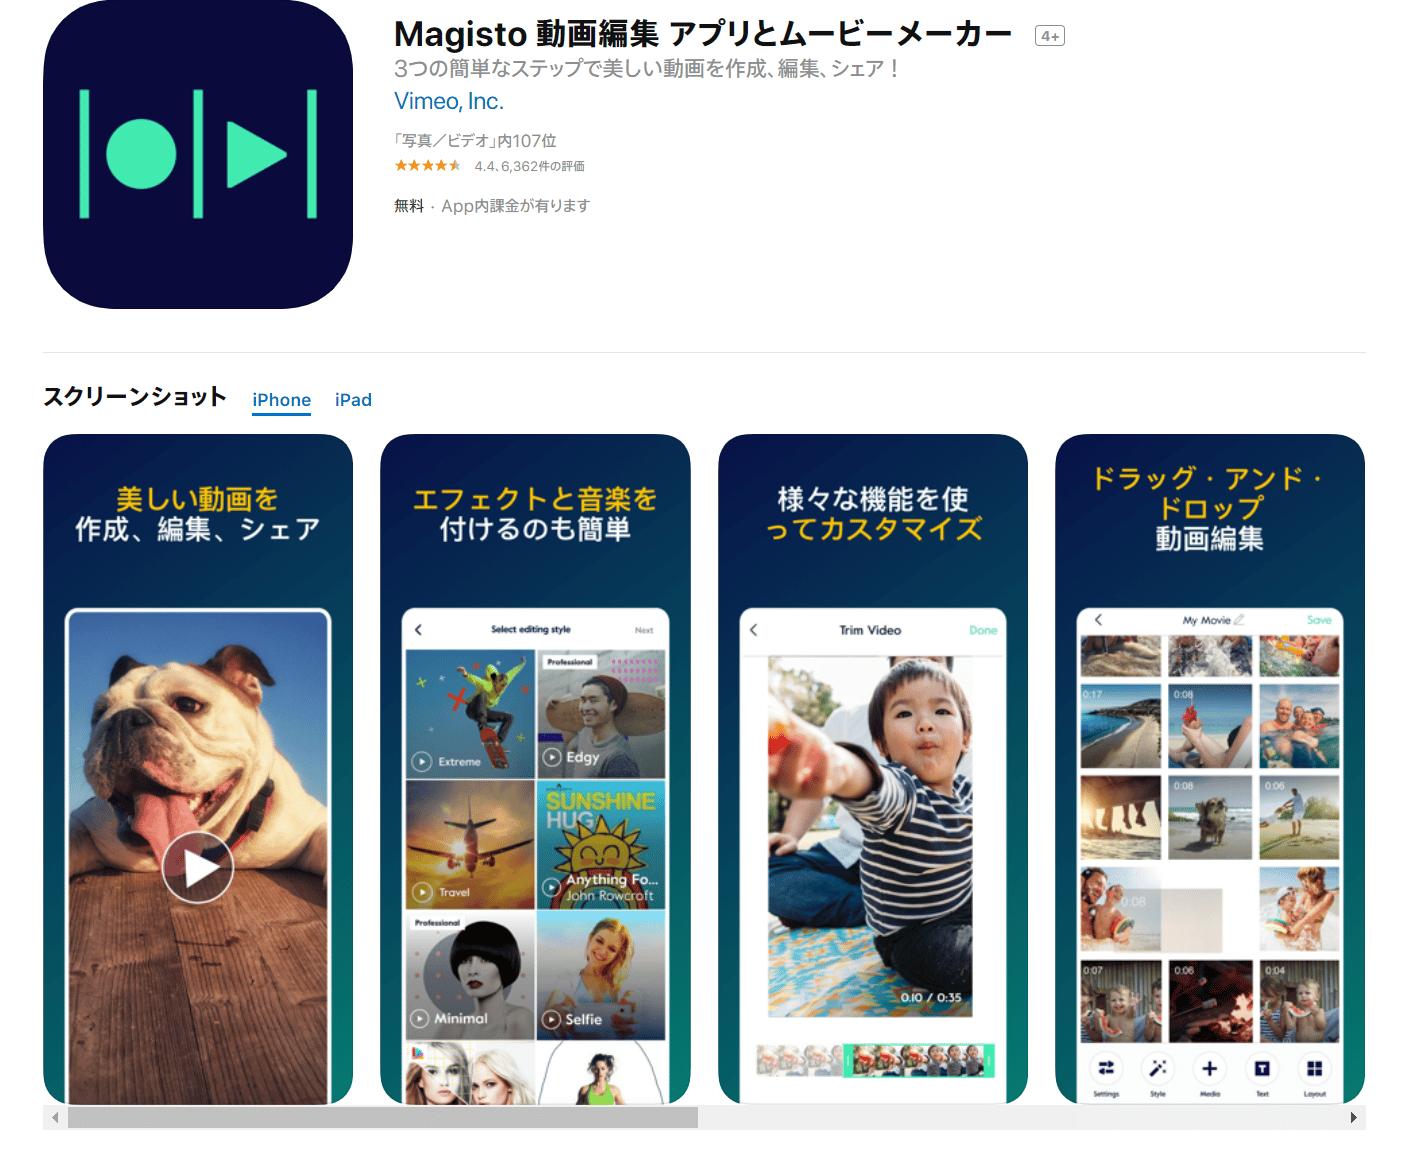 おすすめ動画編集アプリ5位:Magisto